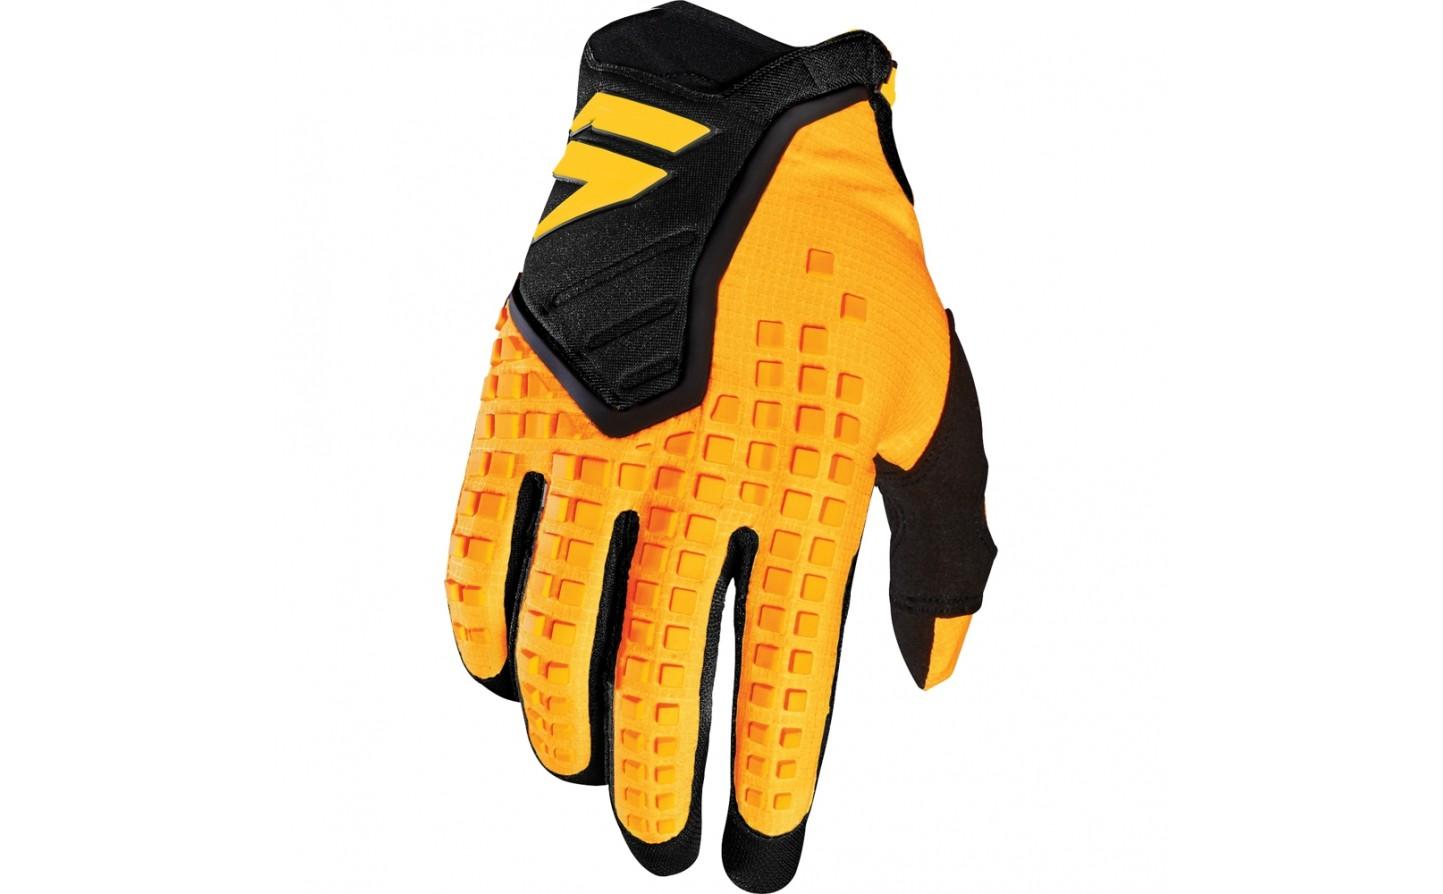 guante shfit 3lack pro glove amarillo/negro talle s